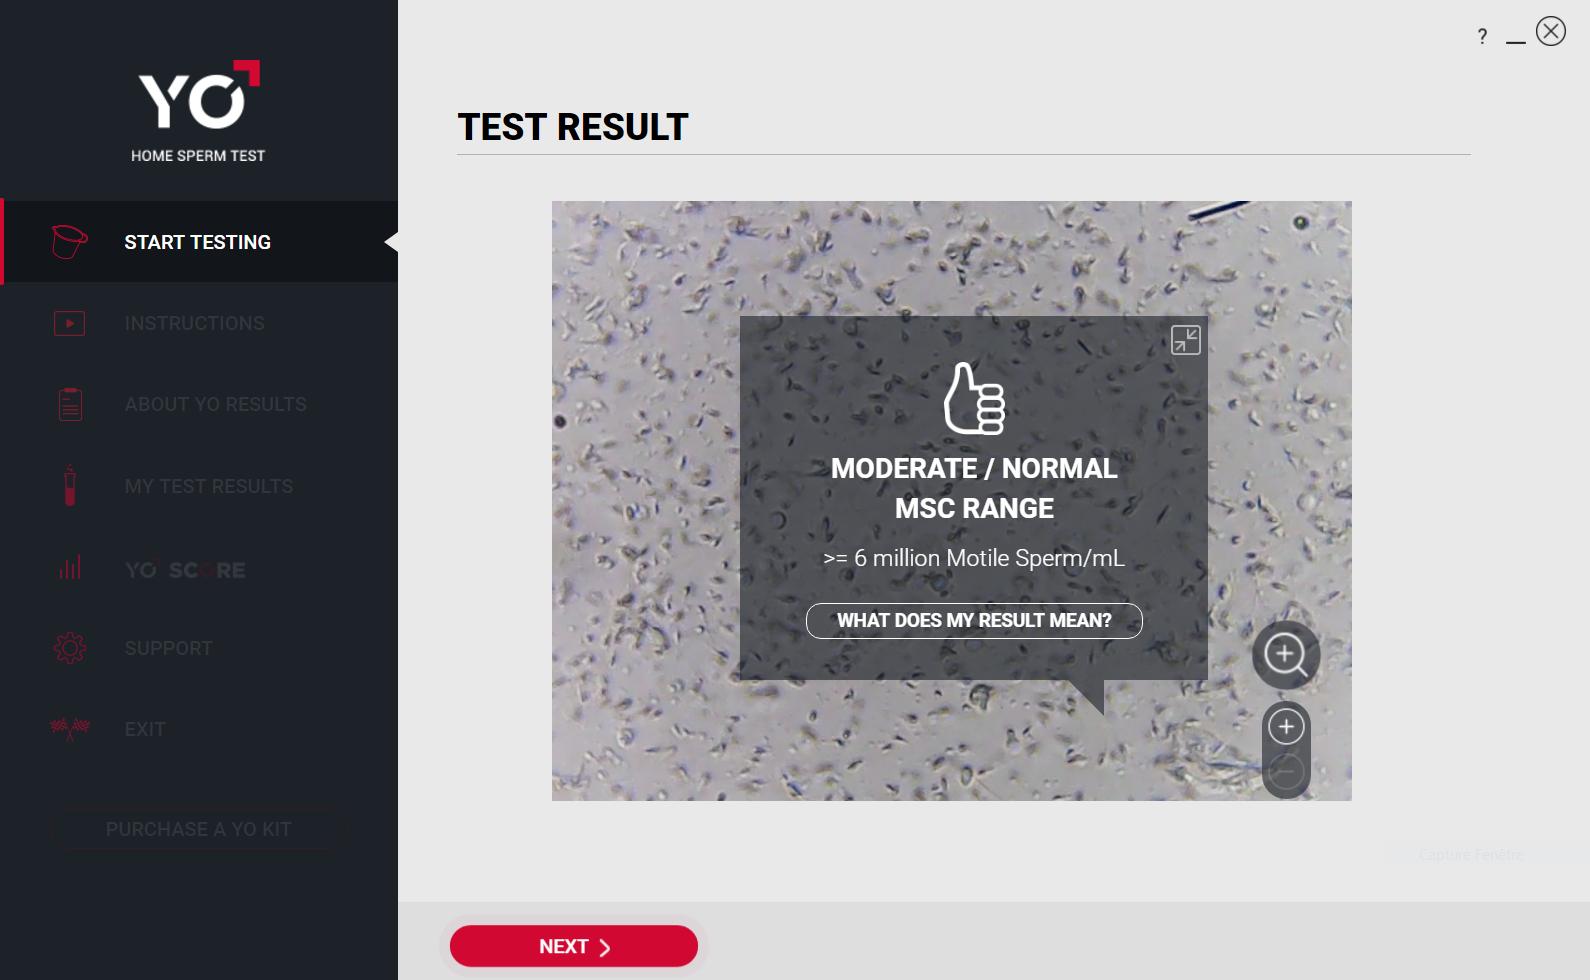 Yo Home Sperm Test Résultat mobilité spermatozoïde